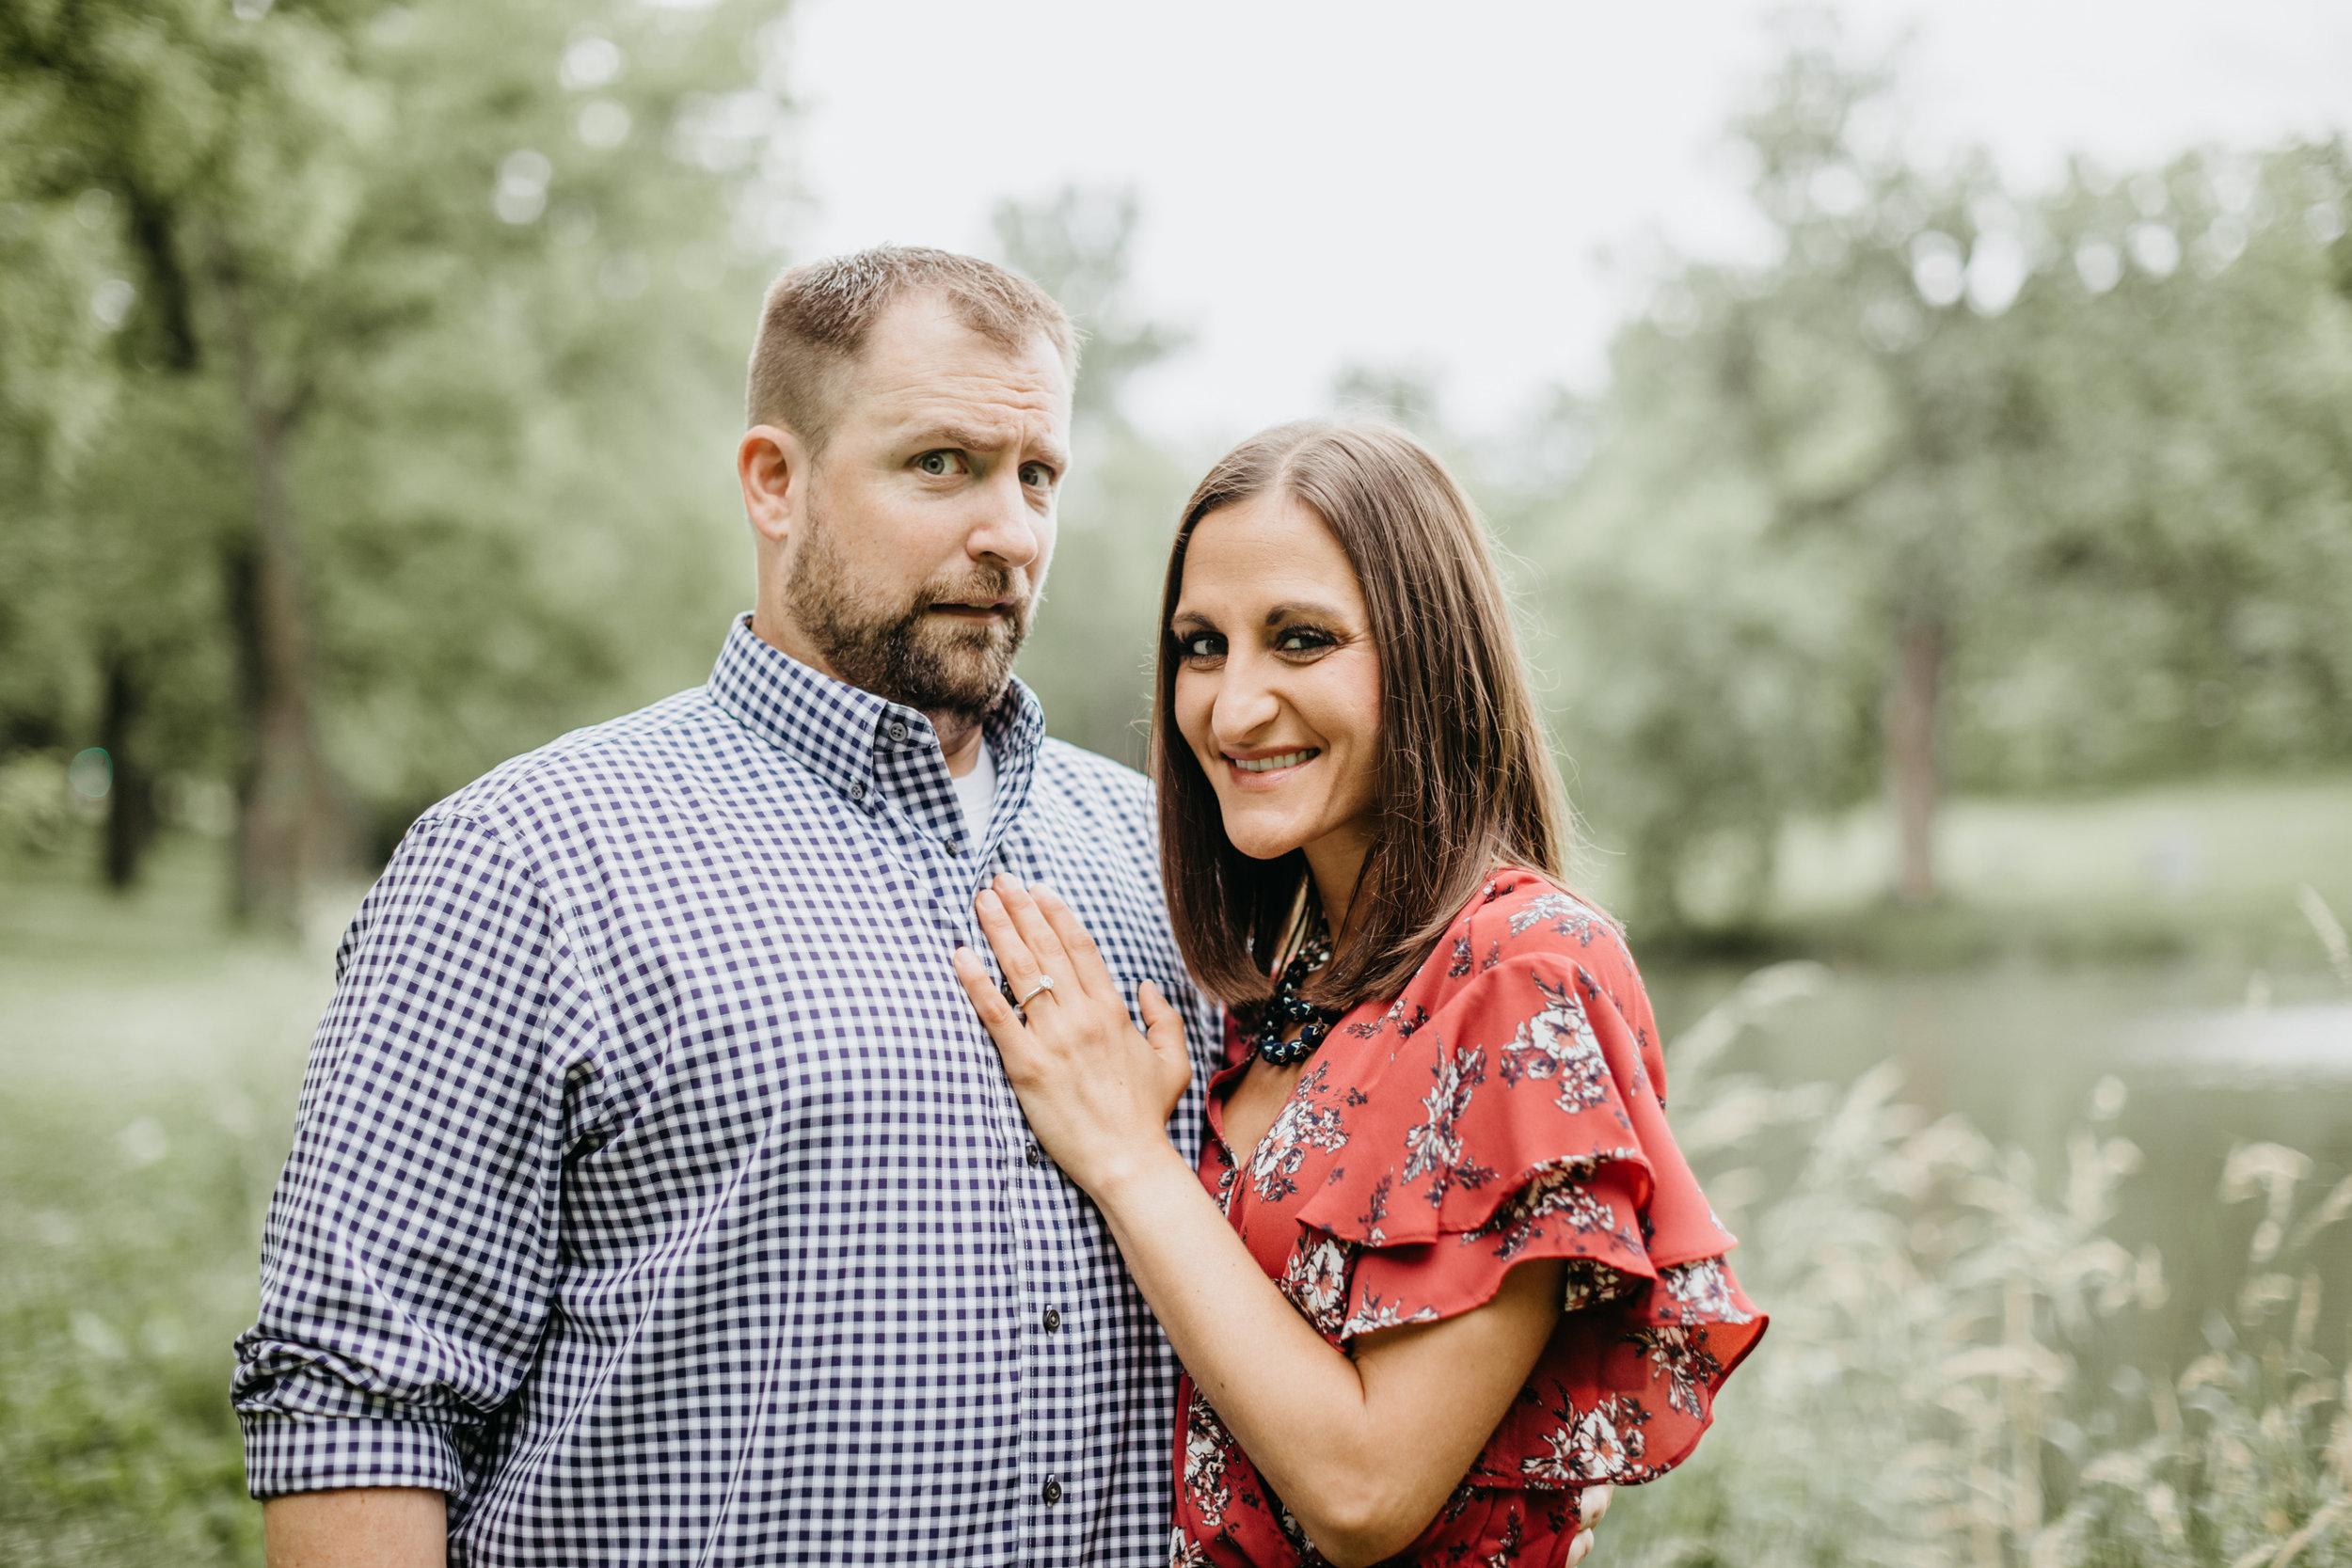 KaylaAndMichael-Engaged-53.jpg